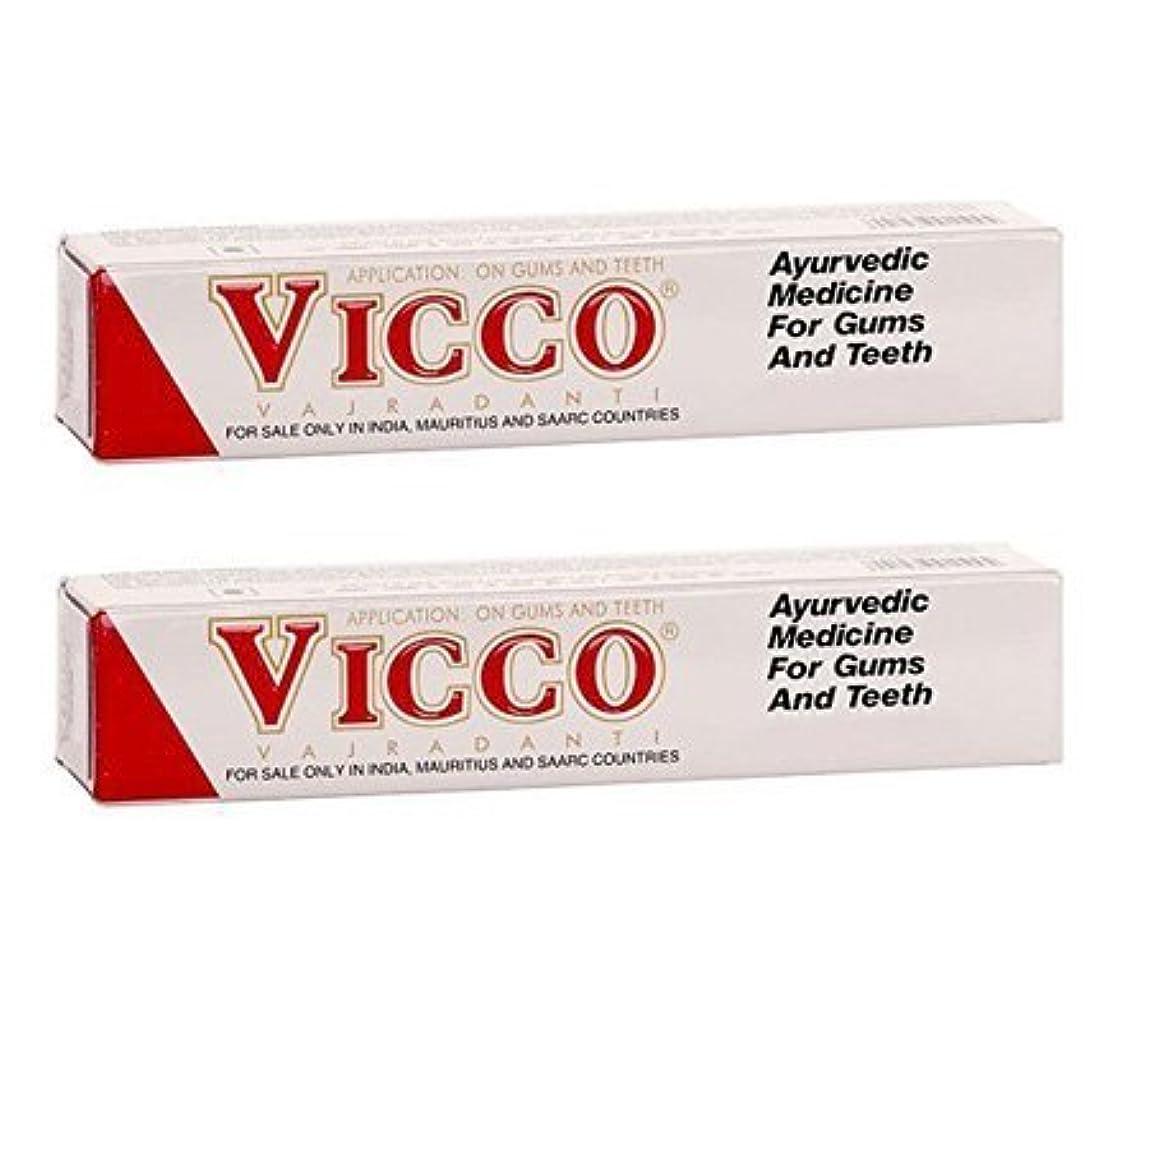 醜い銛計算するBuycrafty Ayurvedic Herbal Toothpaste 100gm (Pack of 2) Vicco vajradanti Free 2 Dental Floss Toothpicks